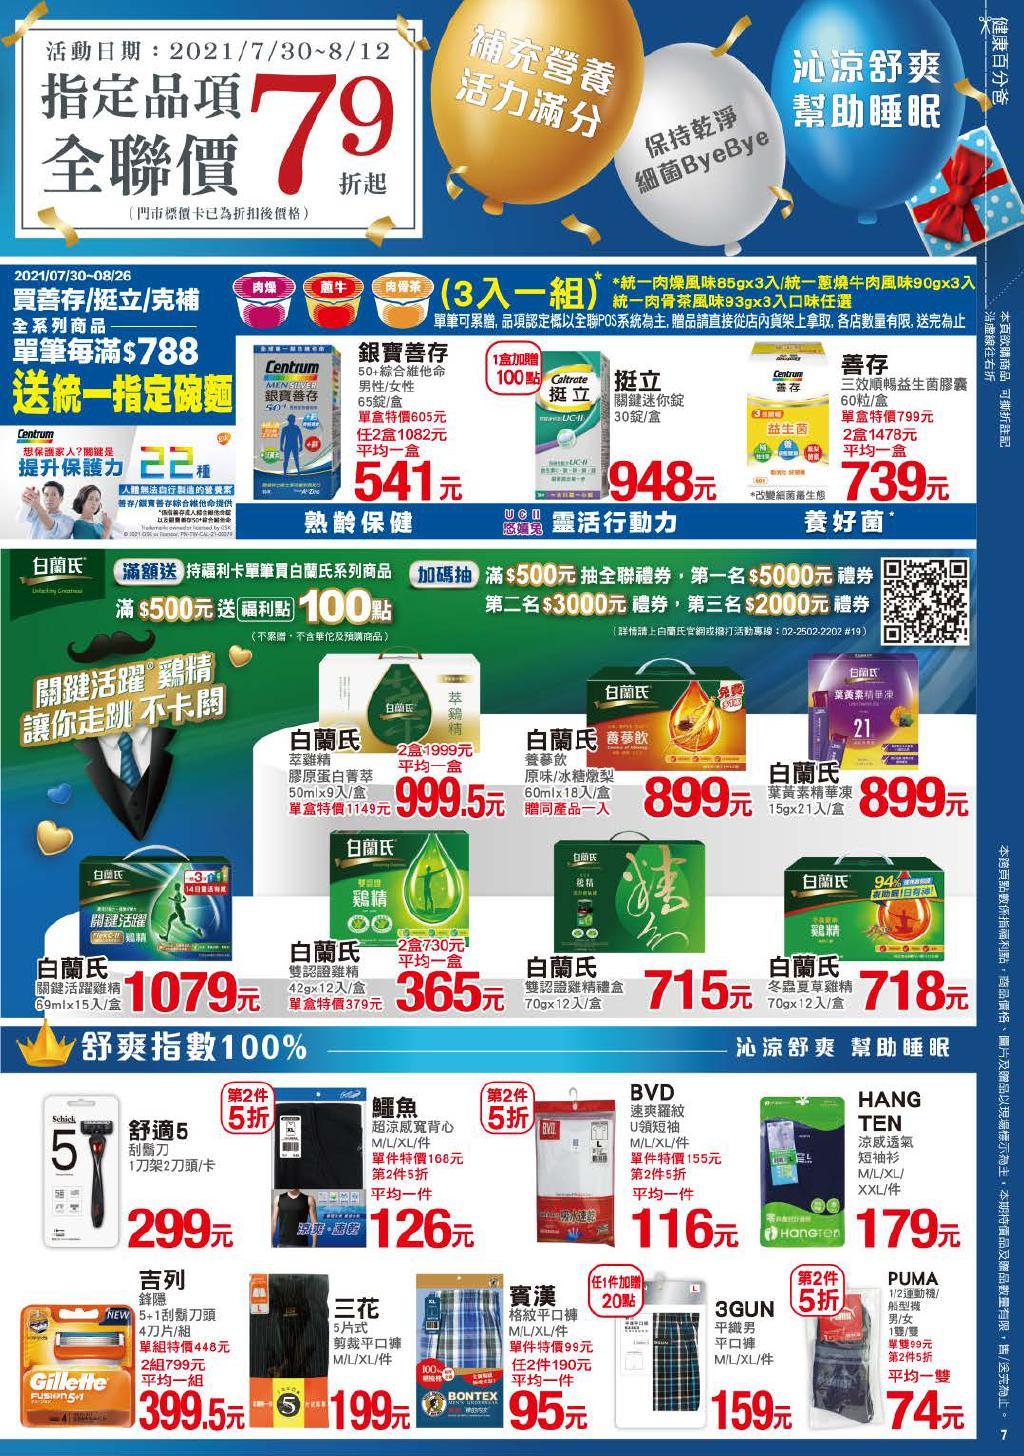 pxmart20210812_000007.jpg